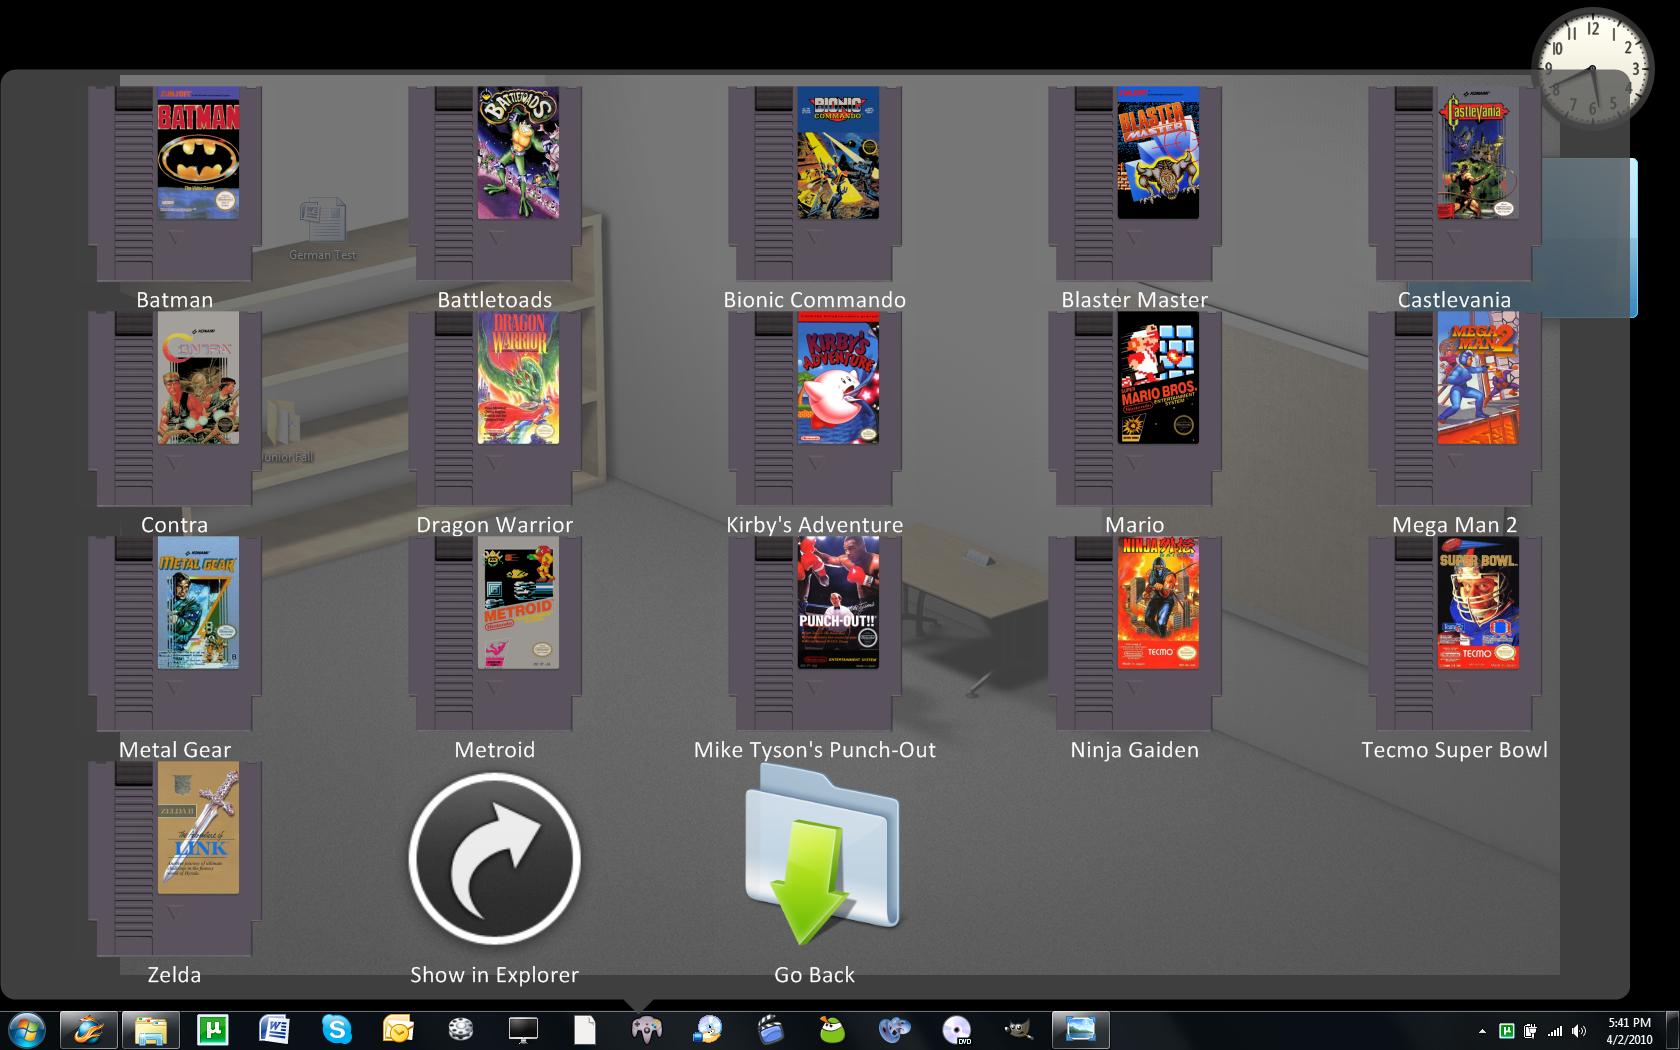 Snes Cartridge Rom Icon Pack – Migliori Pagine da Colorare